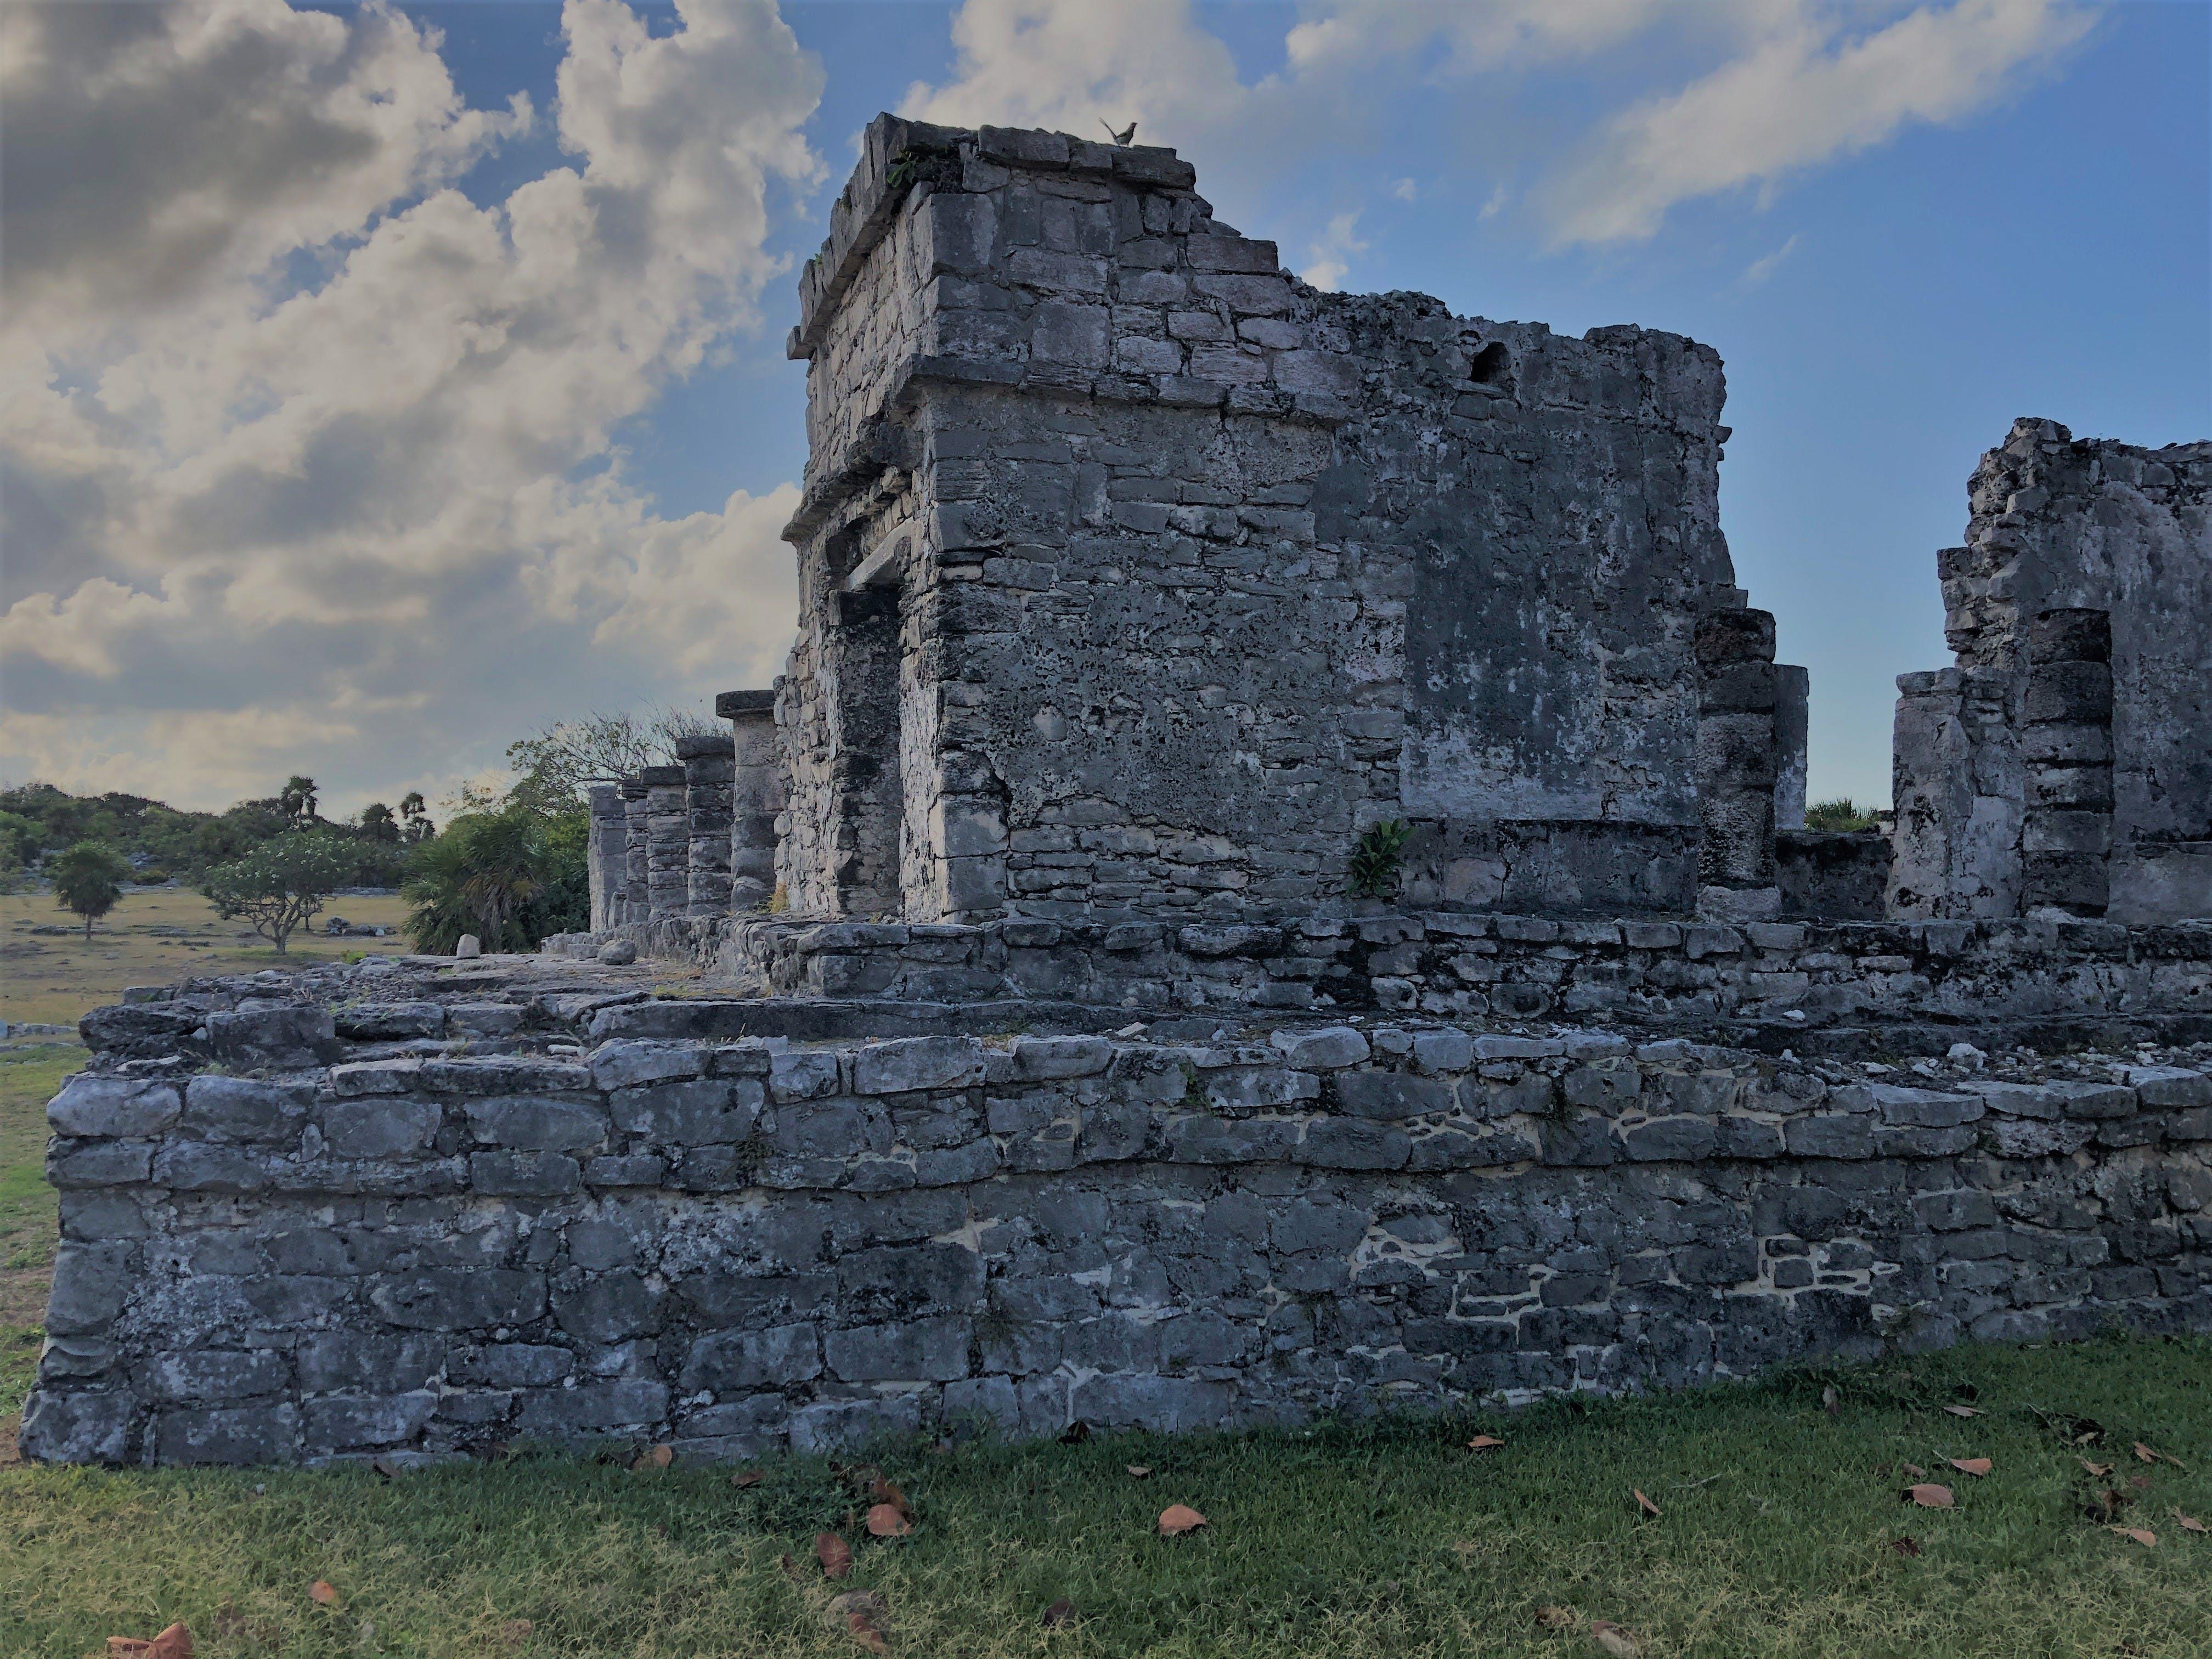 Gratis lagerfoto af mexico, ruiner, tulum, yucatan